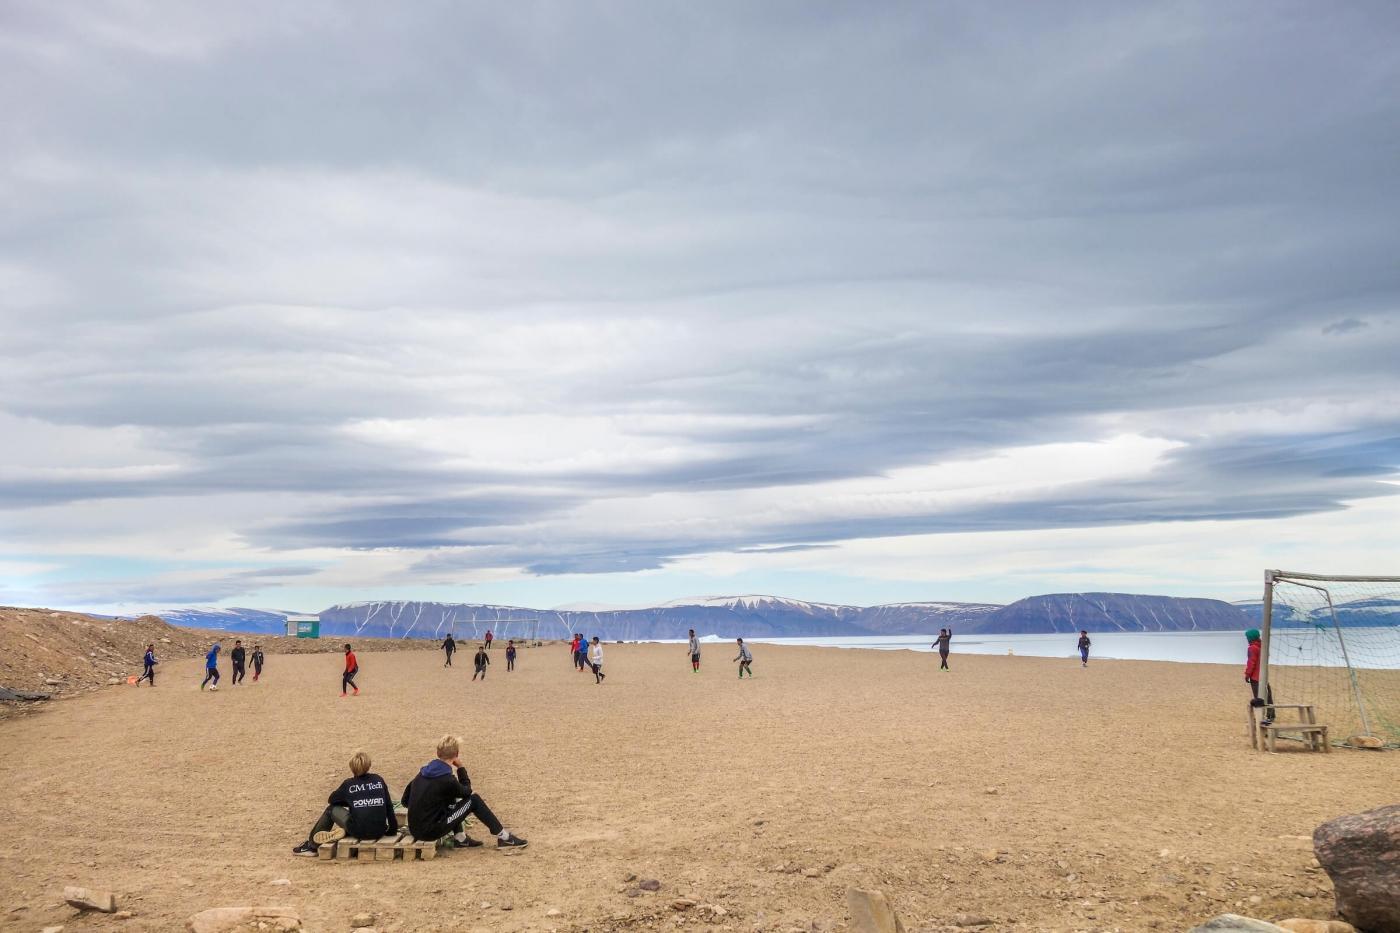 Soccer field in Qaanaaq. Photo by Kim Insuk